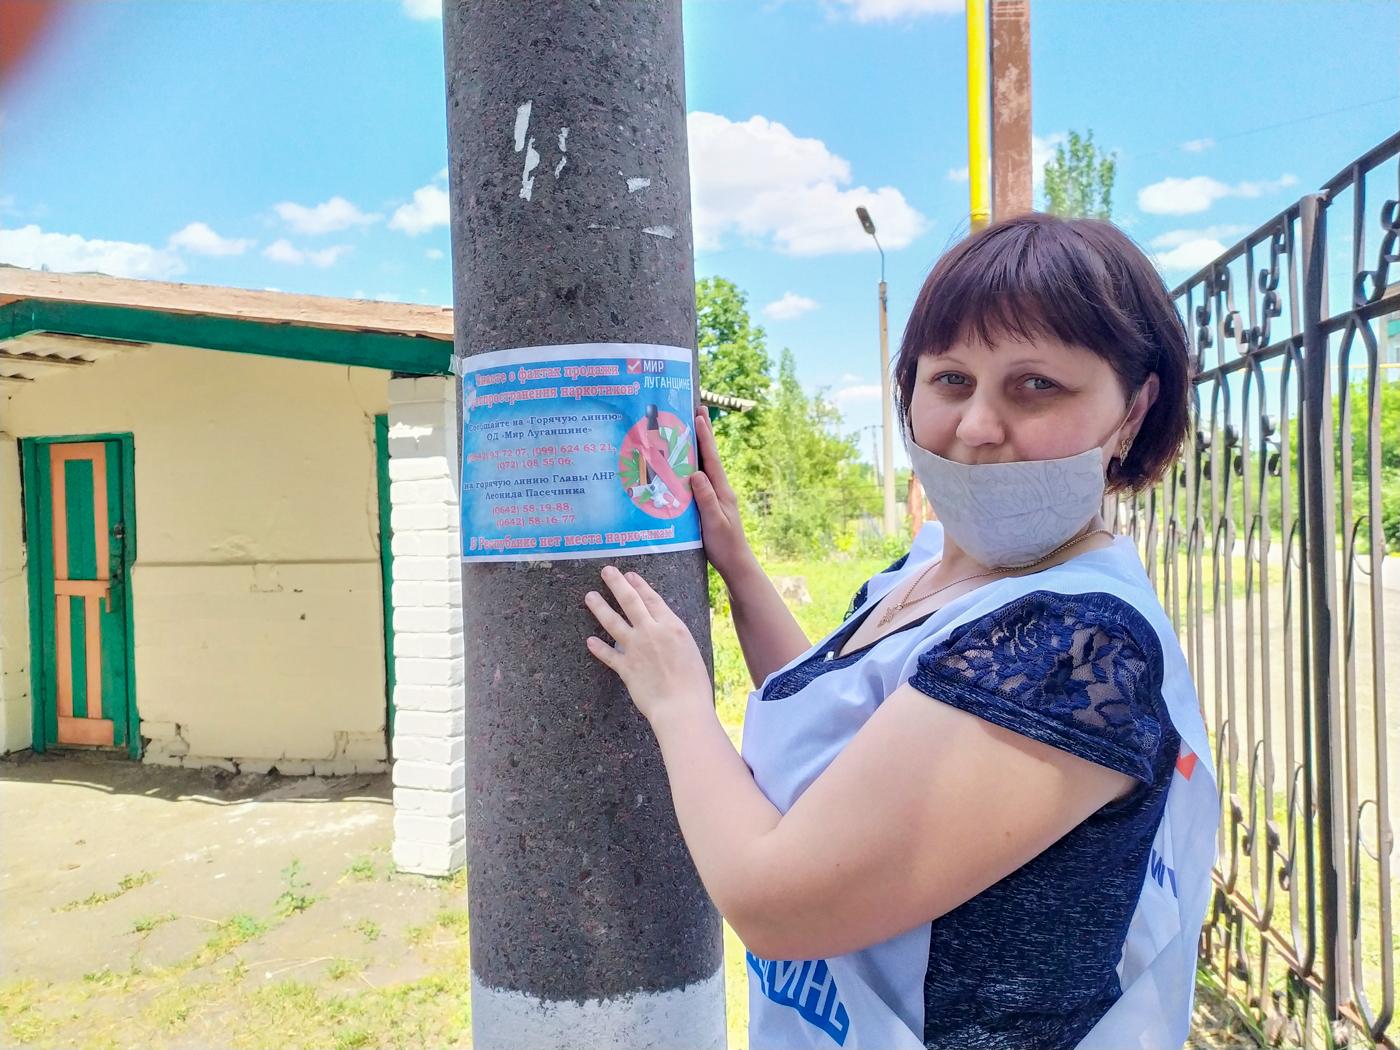 Активисты Славяносербского района напомнили жителям о работе горячей линии акции «Стоп наркотикам!» 1